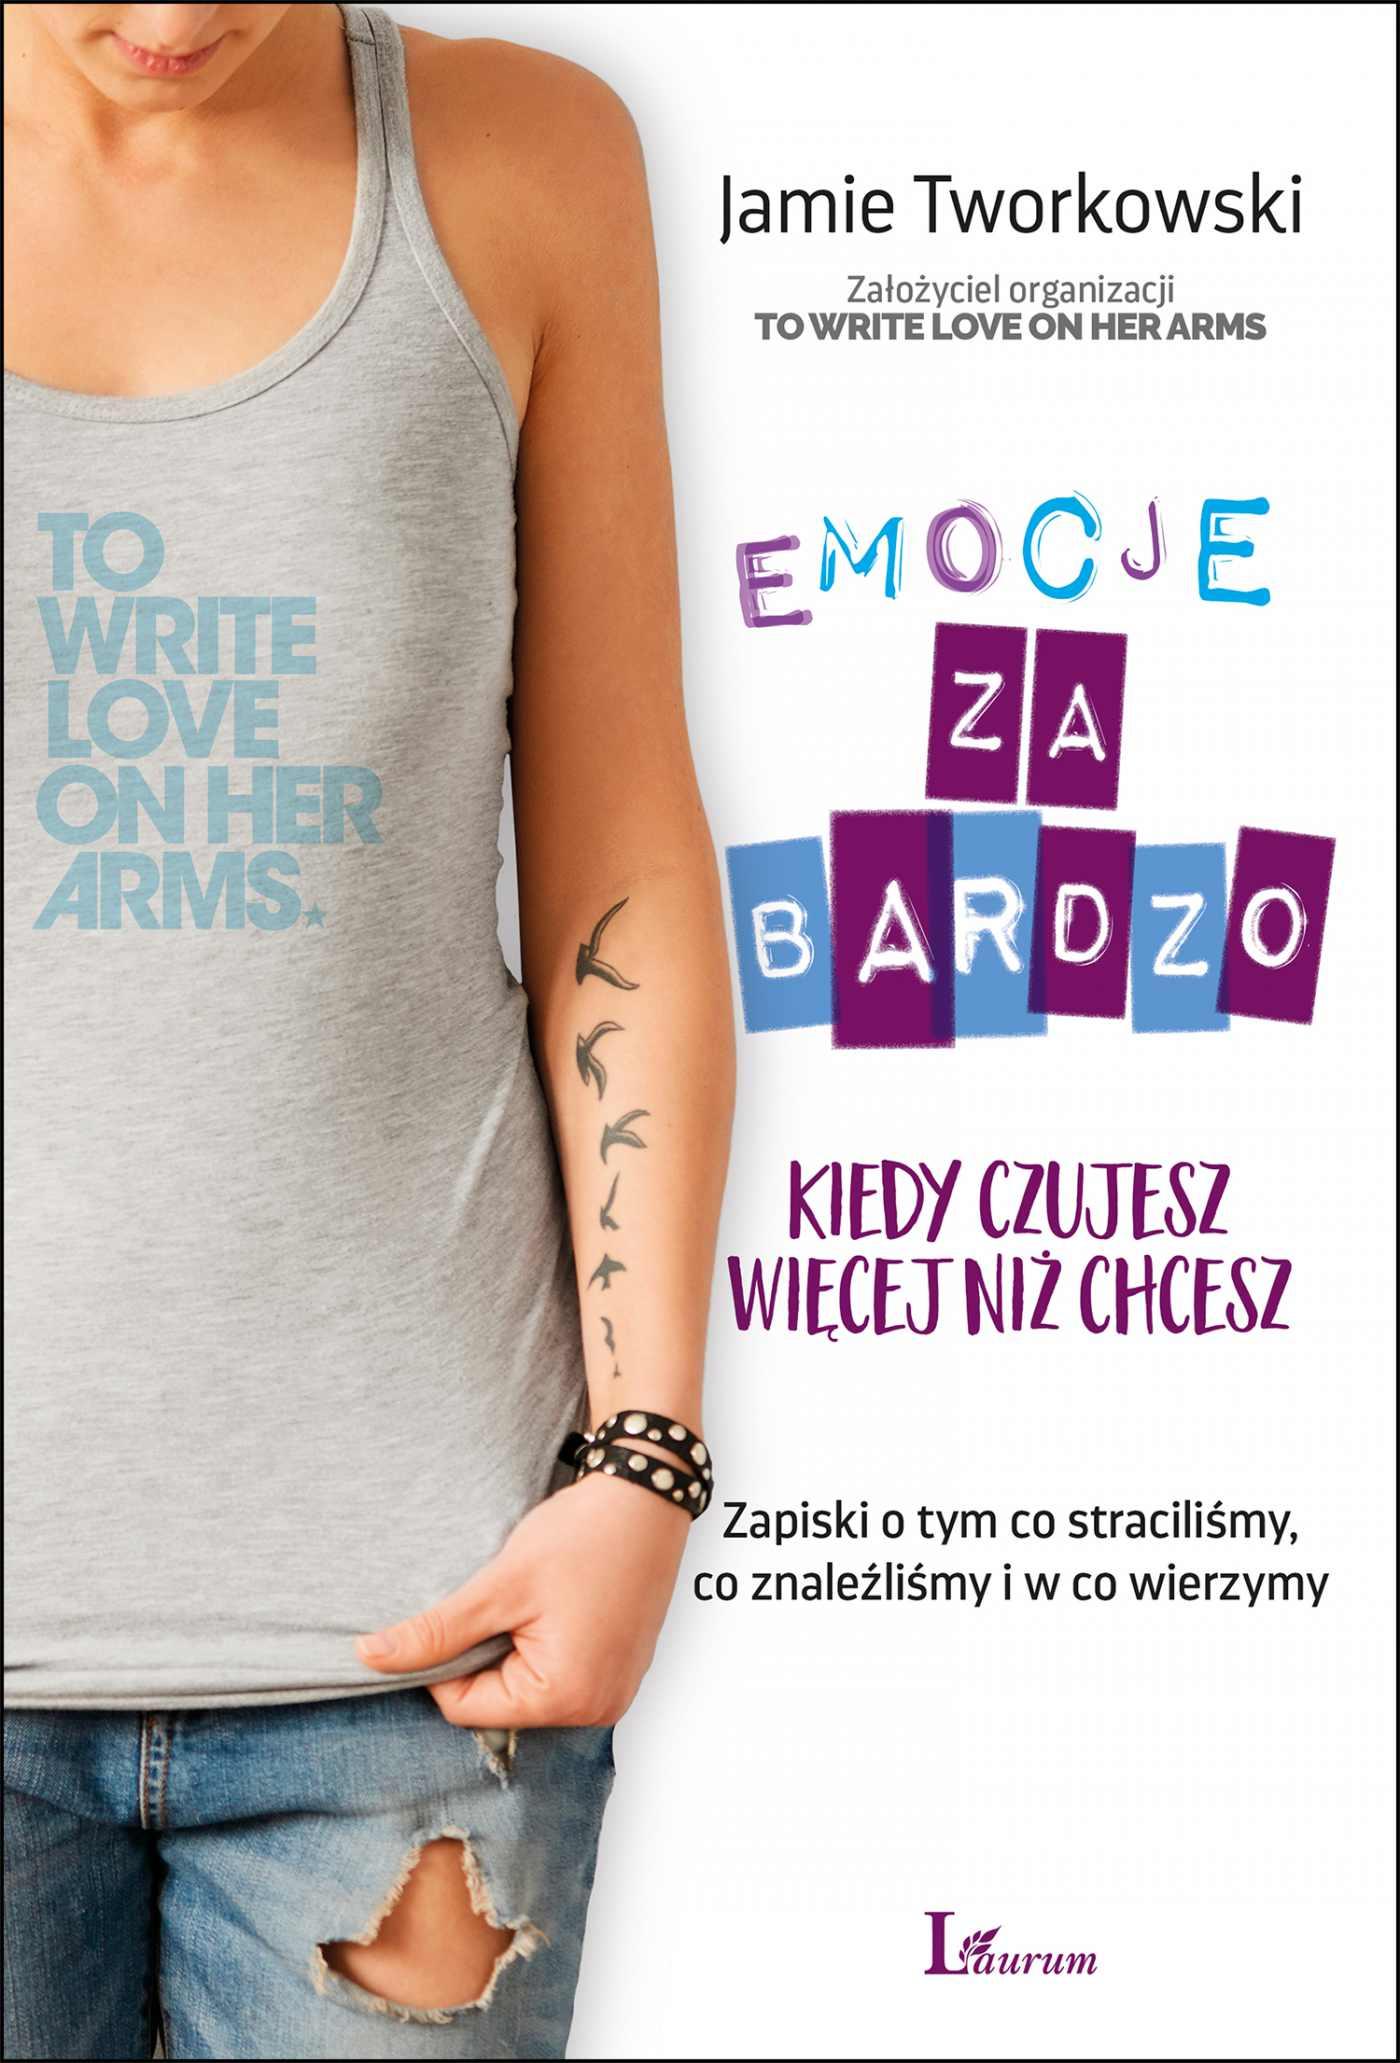 Emocje ZA BARDZO - Ebook (Książka EPUB) do pobrania w formacie EPUB